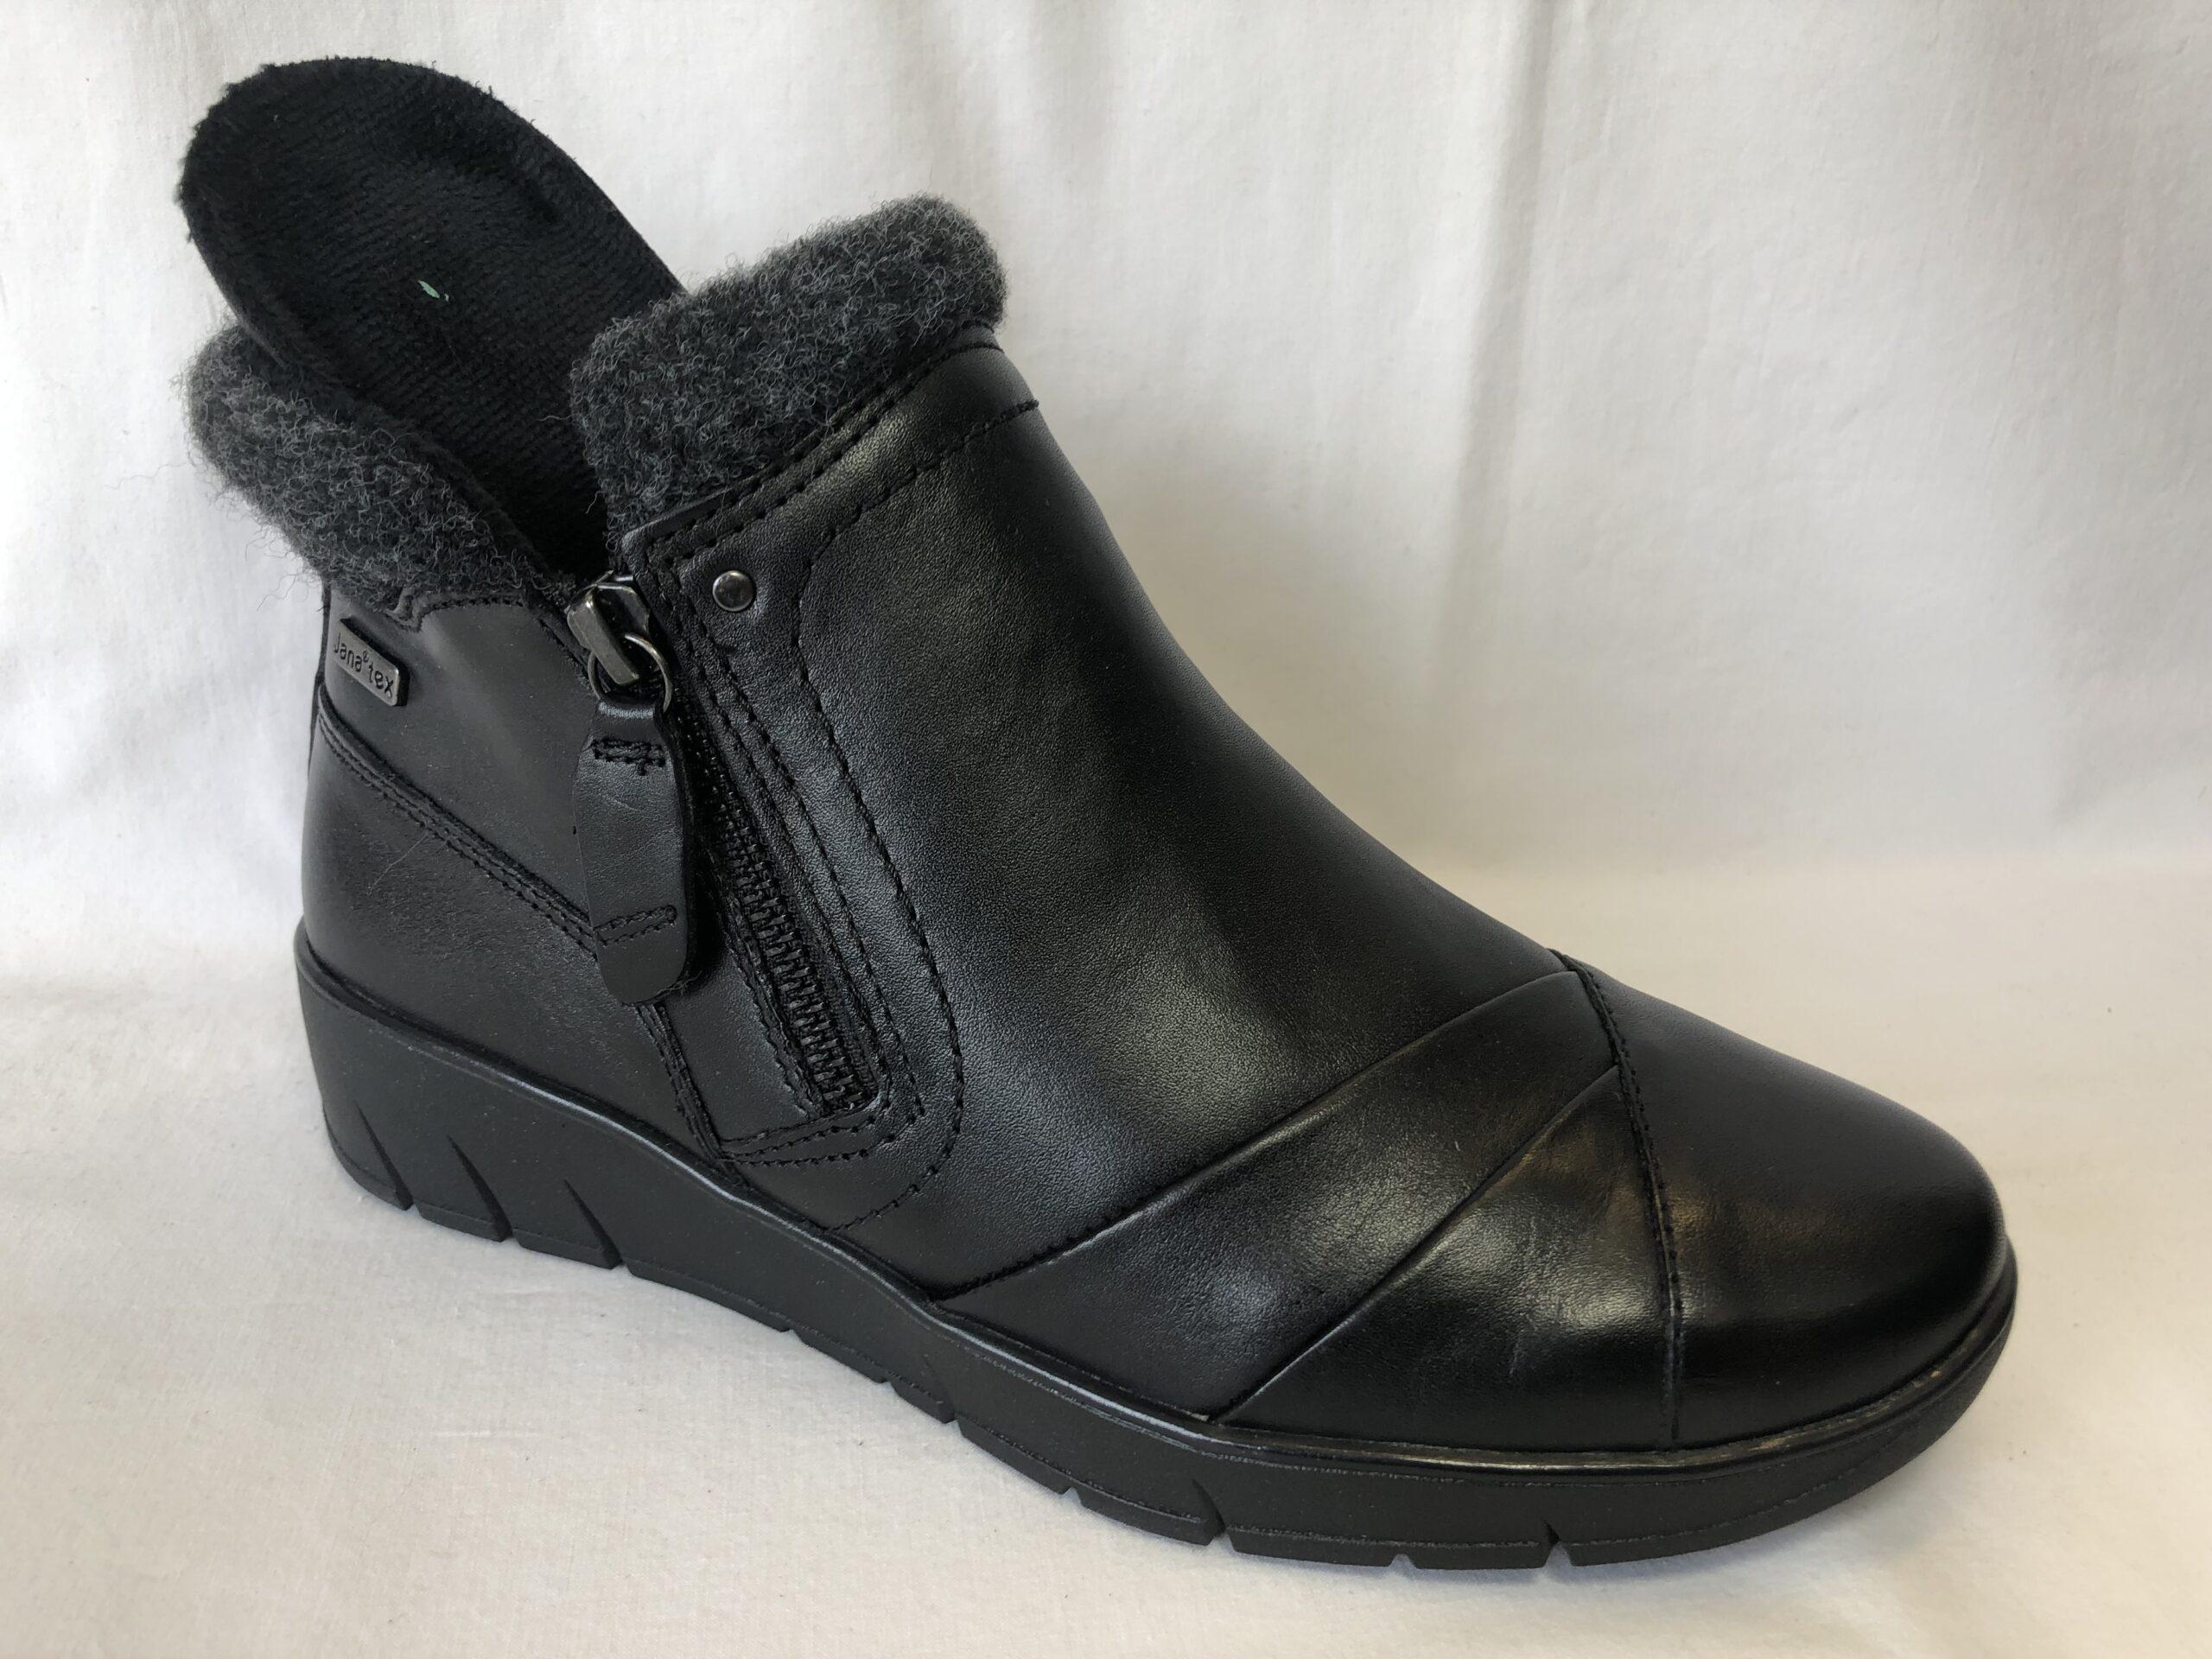 Magasin de chaussures orthopédiques à Jodoigne - Jana